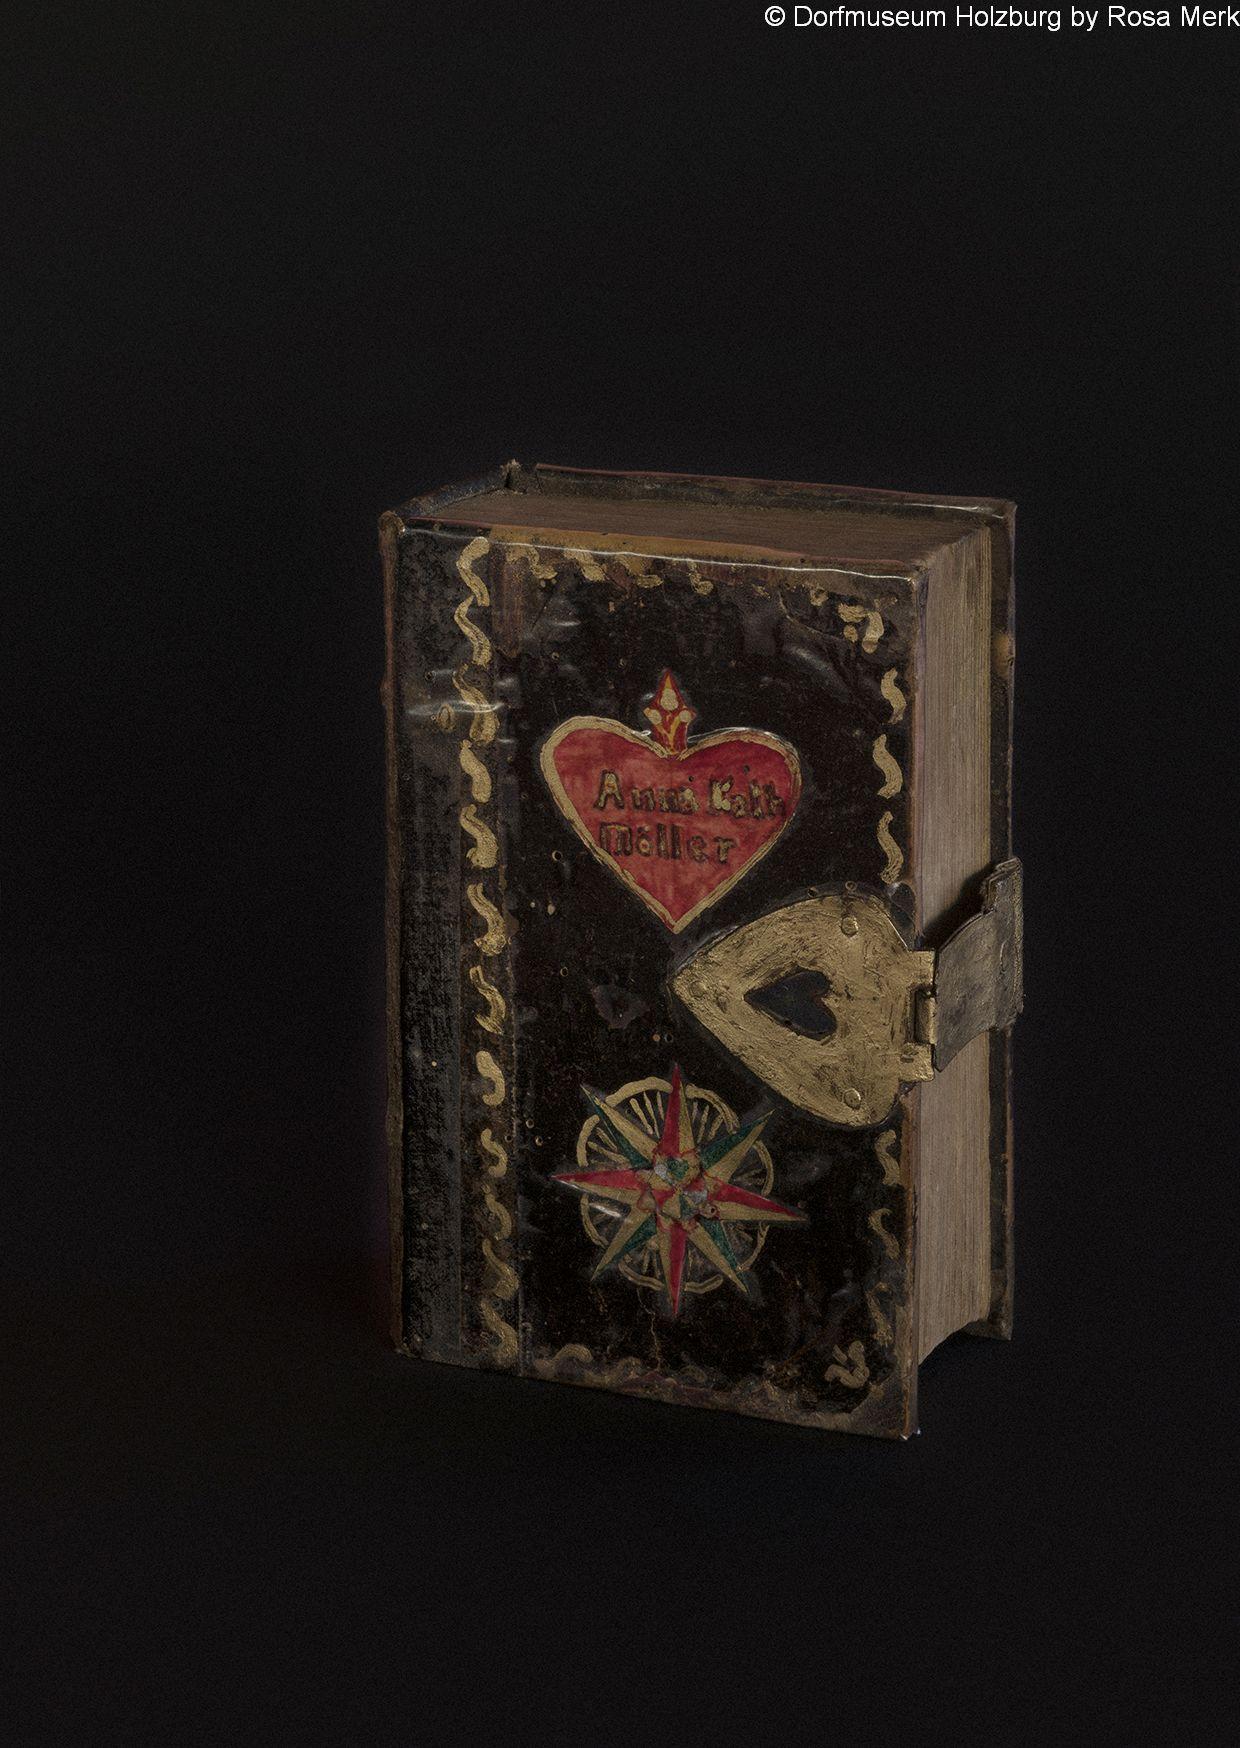 Schwälmer Bibel, 20. Jh., schwarzgrundig, mit rotem Herz und Stern handbemalt